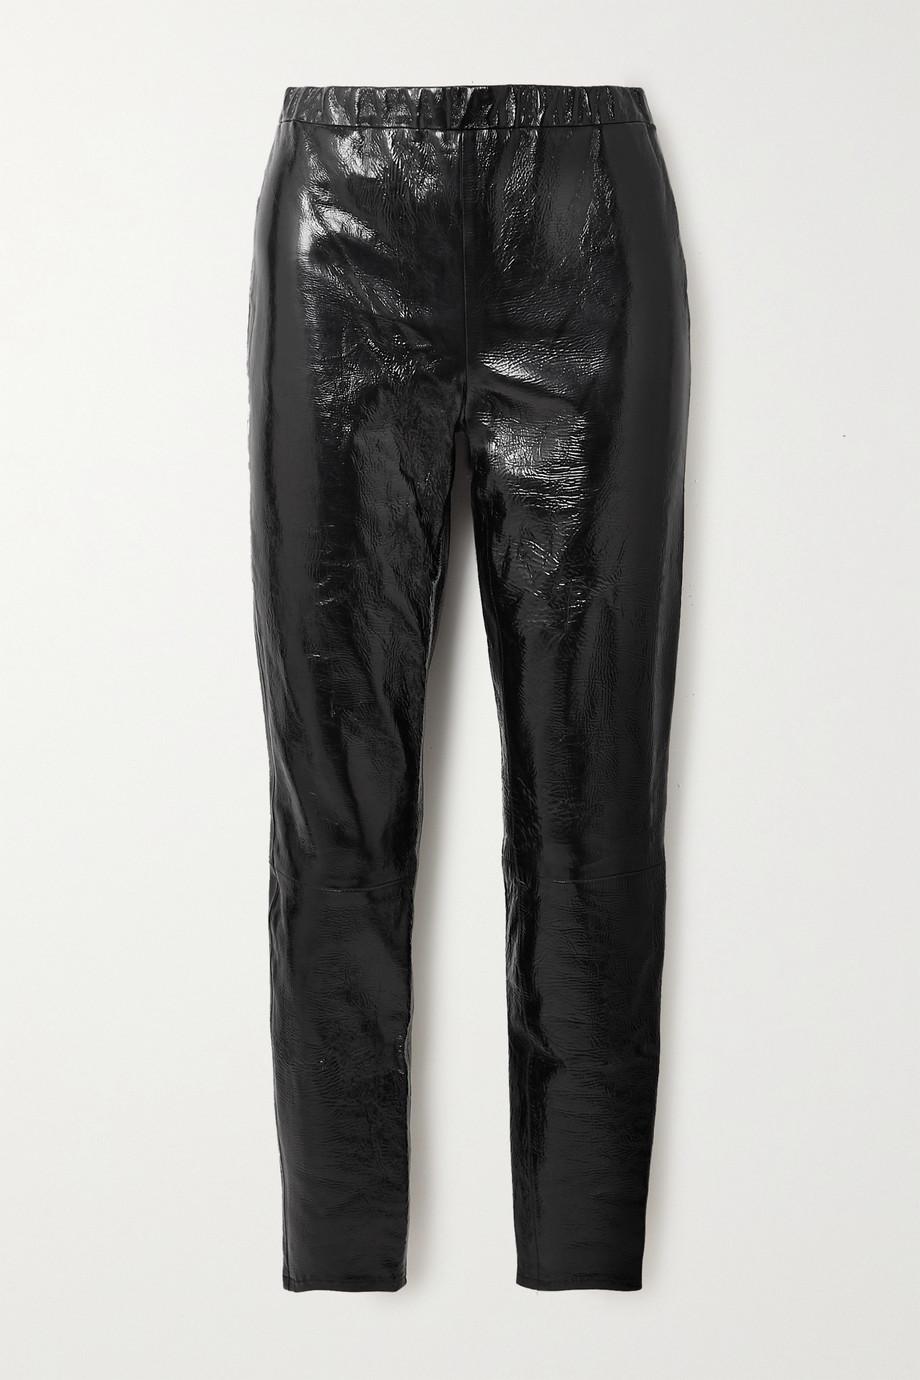 J Brand Edita crinkled coated cotton-blend leggings